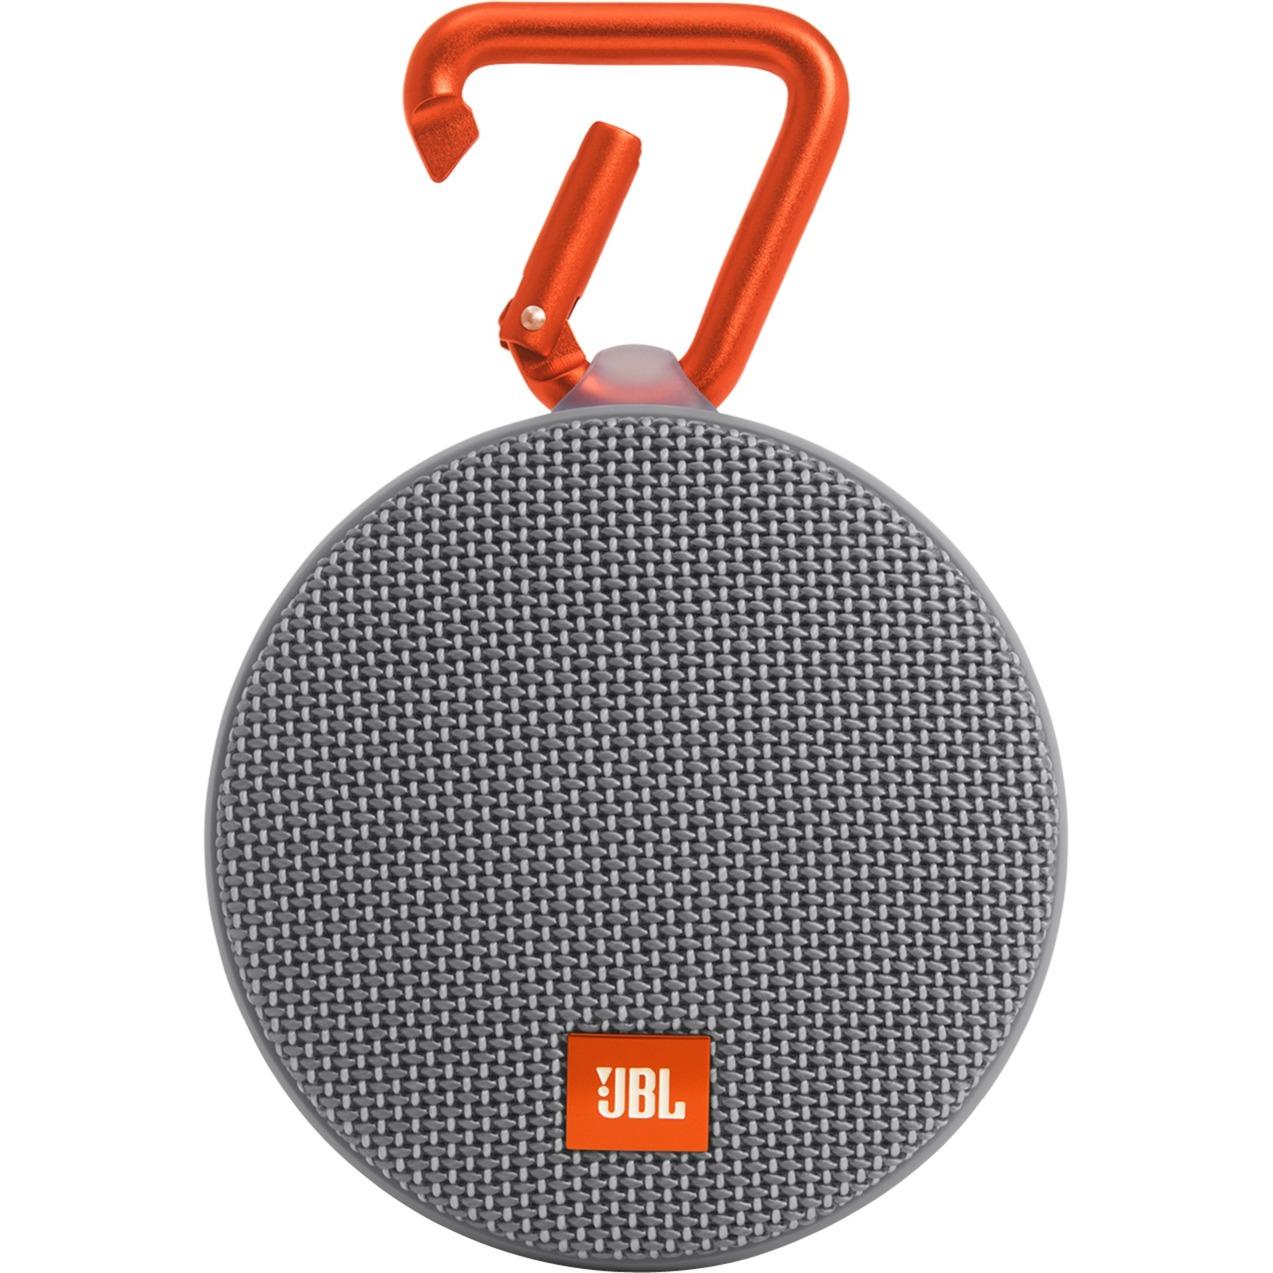 Clip 2 Mono portable speaker 3W Gris, Naranja, Altavoz